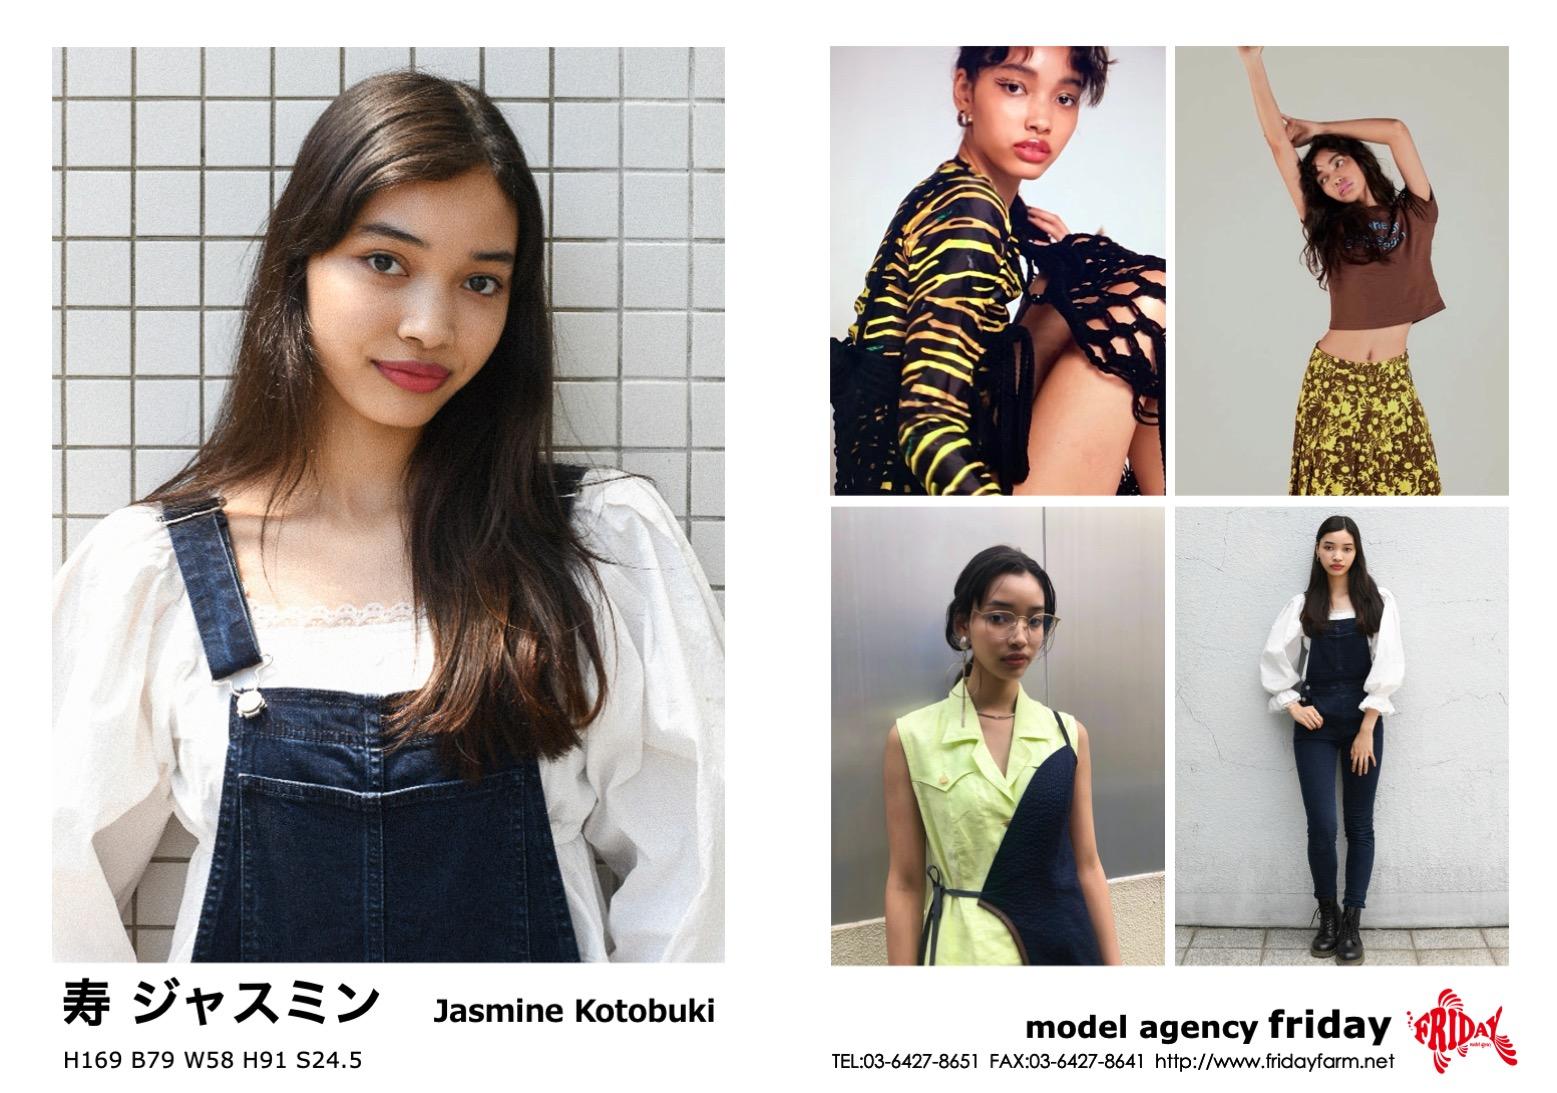 寿 ジャスミン - Jasmine Kotobuki   model agency friday